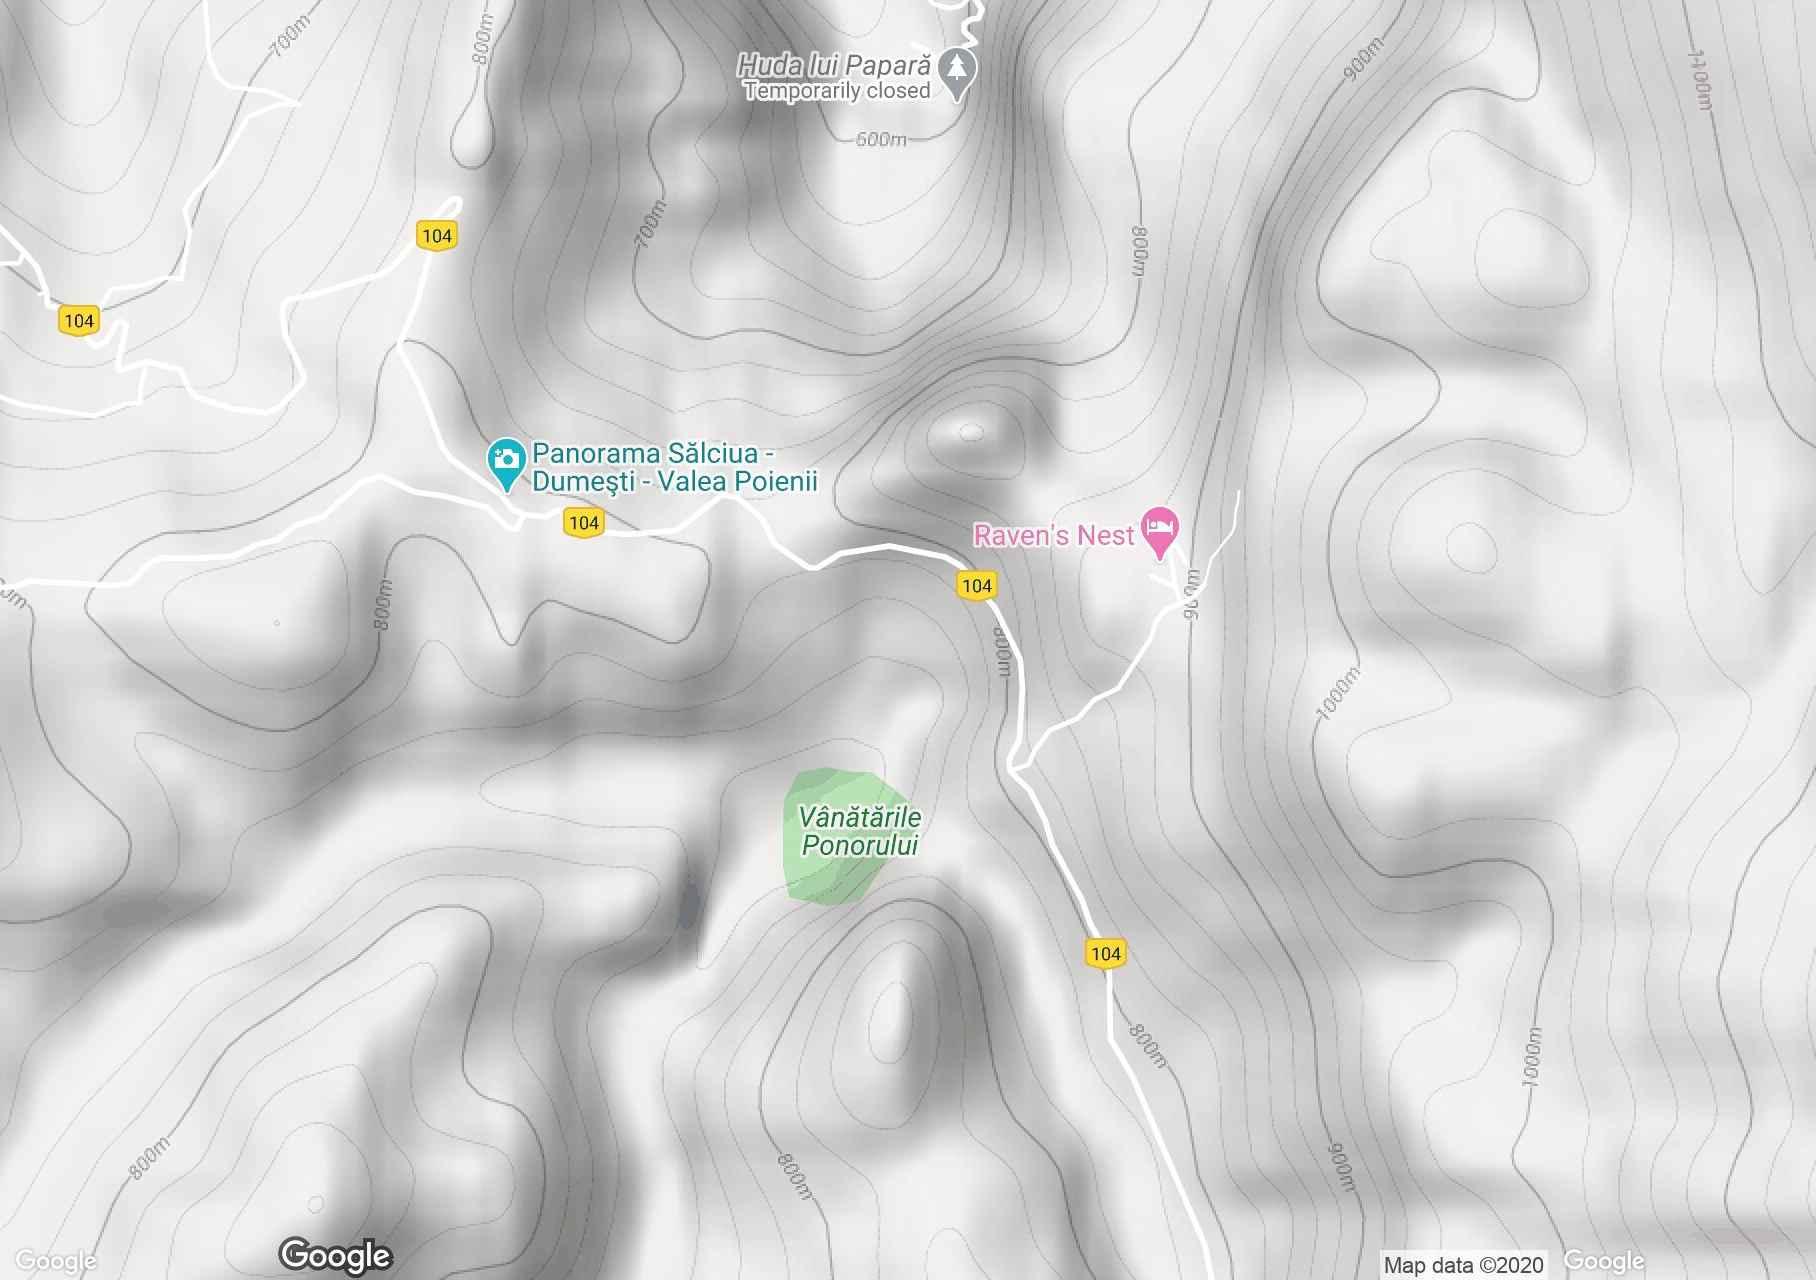 Vânătările Ponorului, Harta turistică interactivă